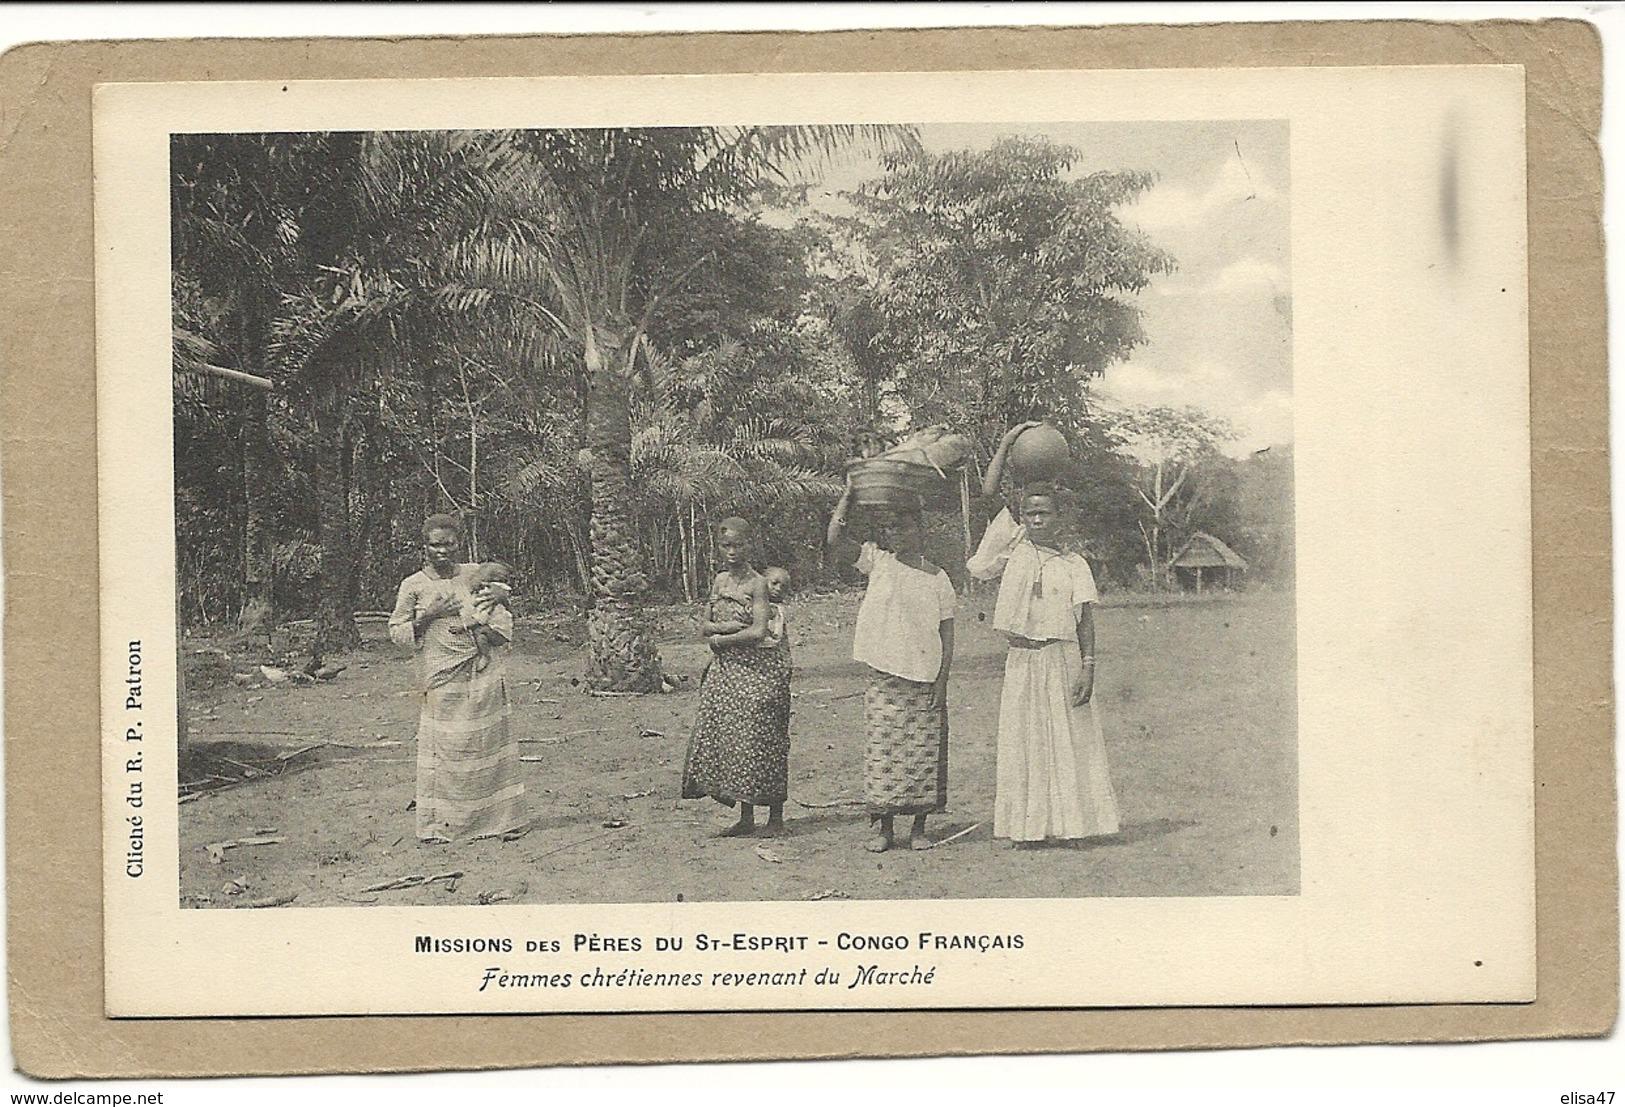 CONGO FRANCAIS  FEMMES  CHRETIENNES  REVENANT DU MARCHE - Congo Français - Autres